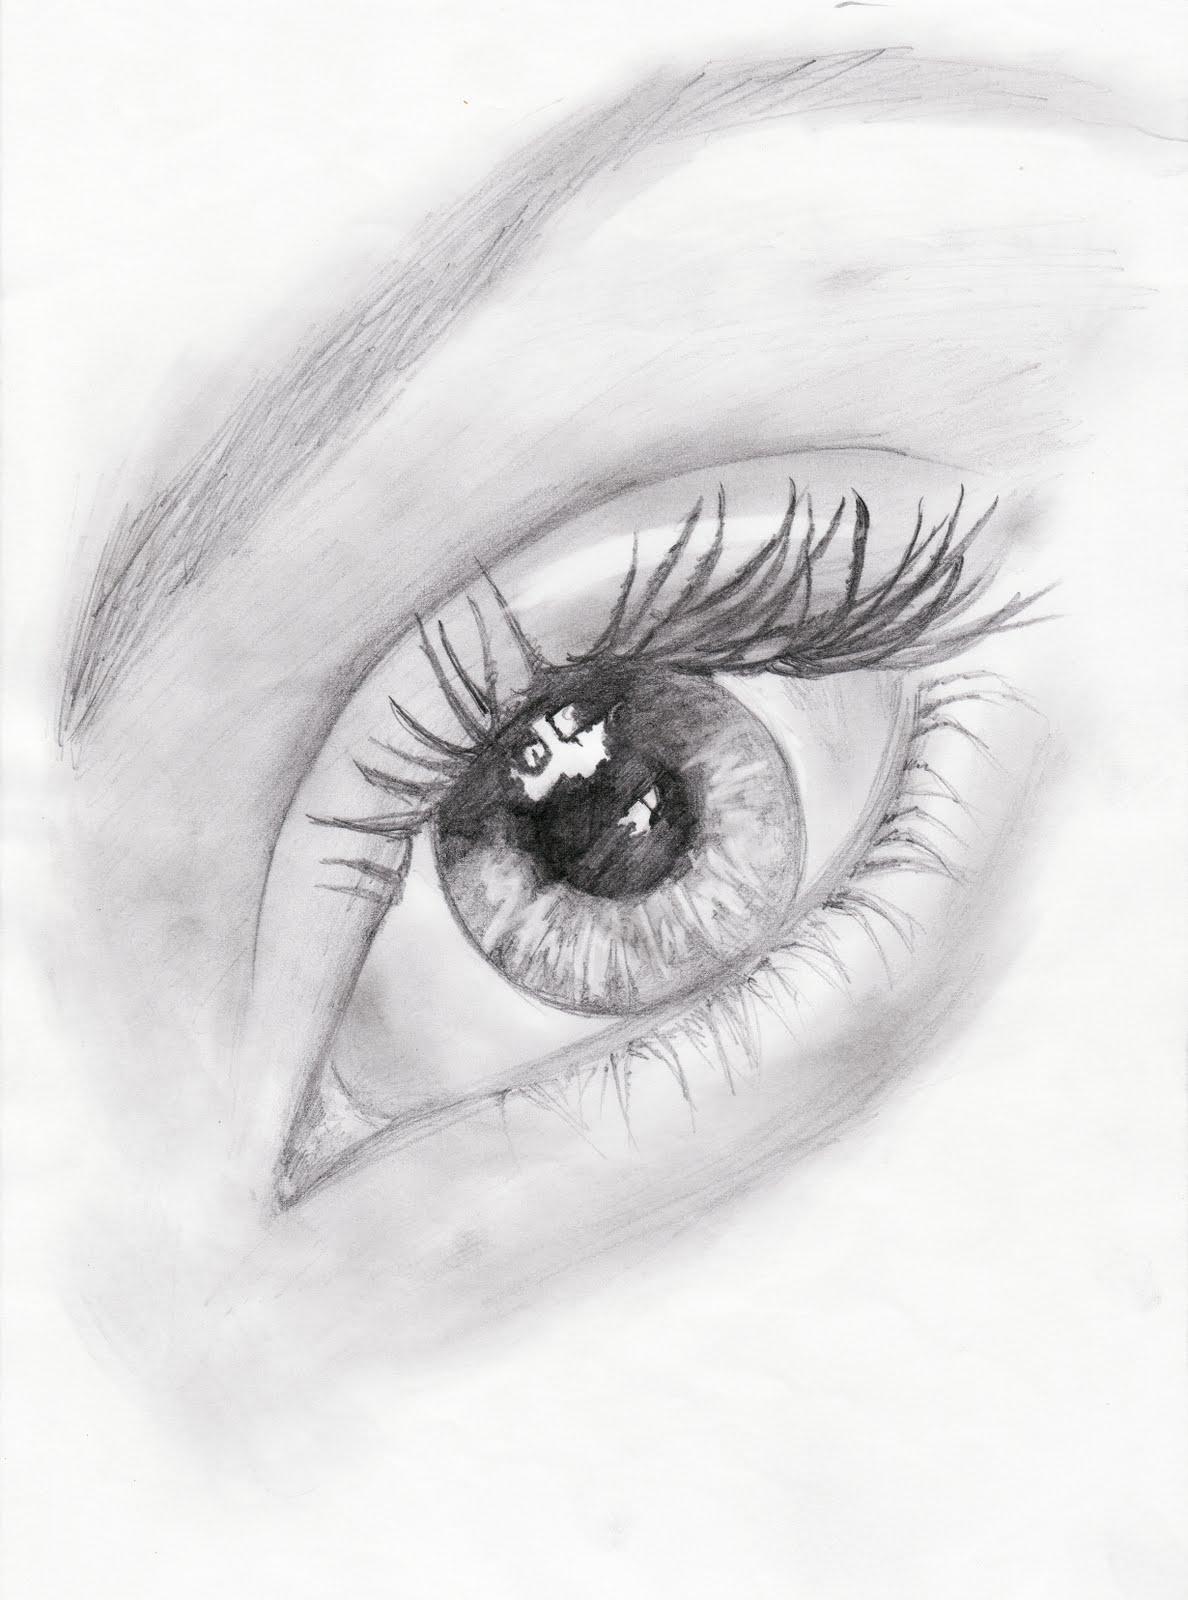 Dibujo de ojo a lápiz grafito. Papel DIN A4. Nayade 2007 © .